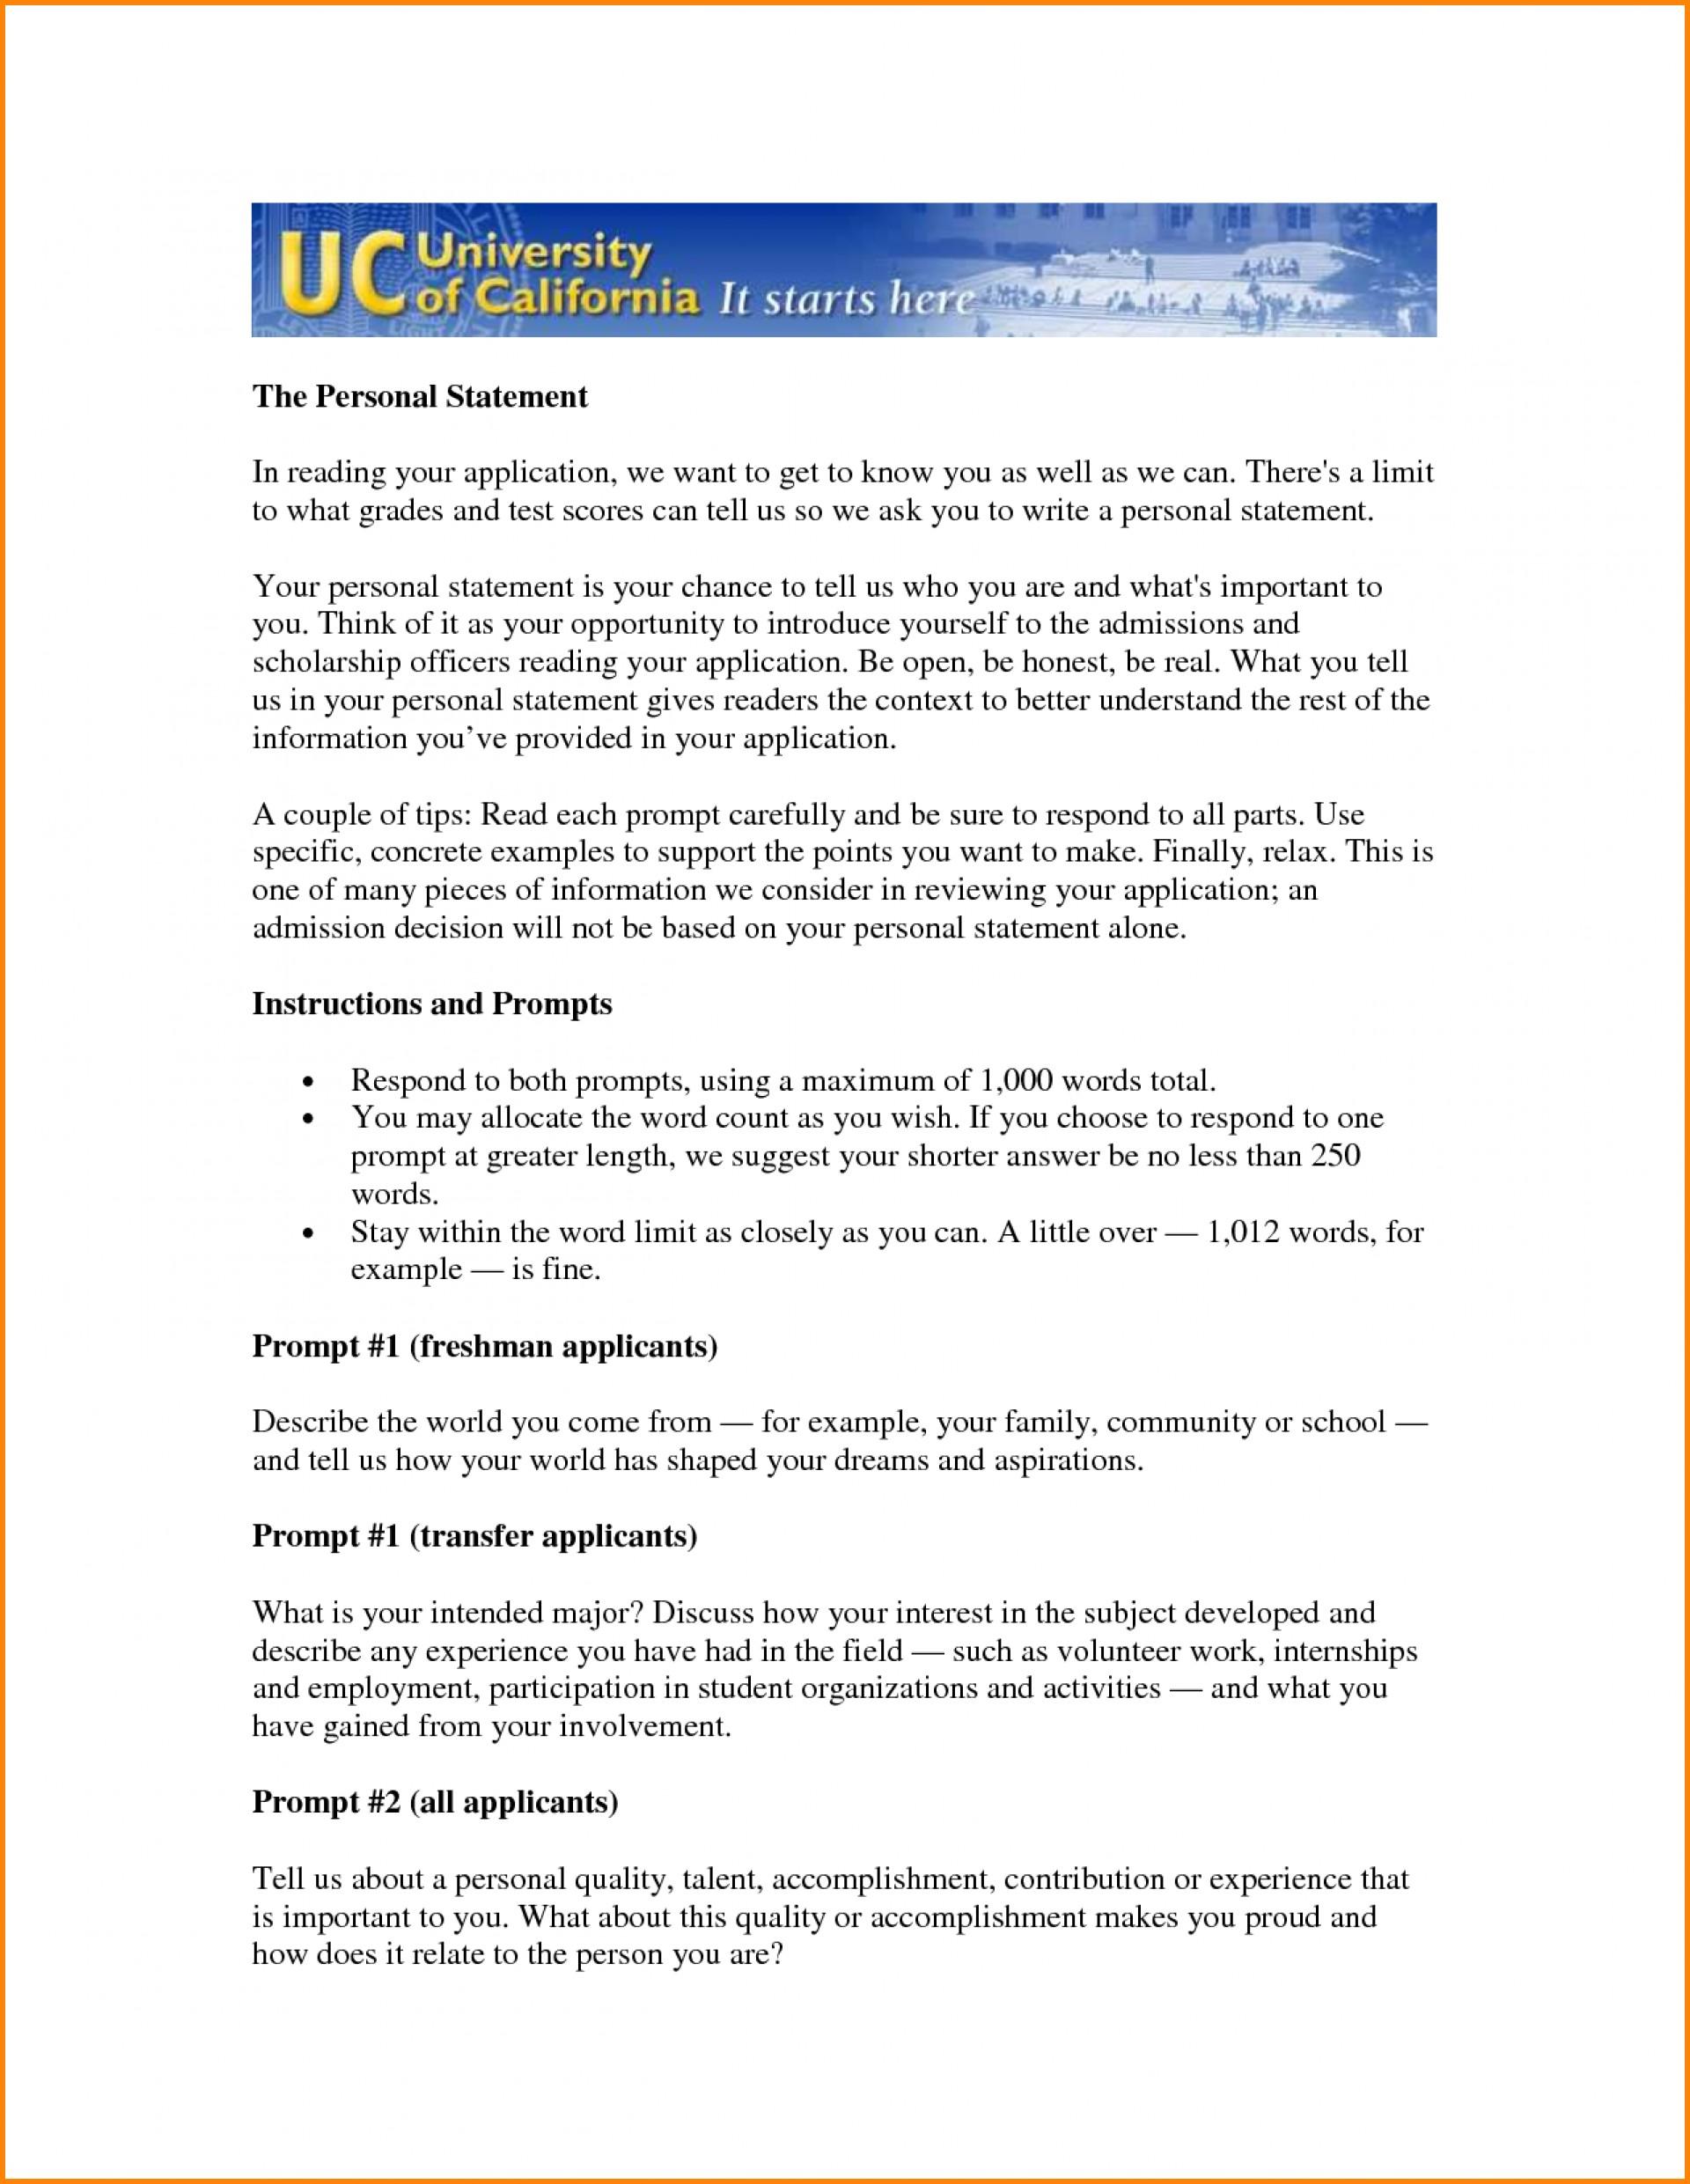 016 Uc Essay Prompt Application Prompts Davis College Personal Statement Guy Berkeleys Imposing Berkeley Examples 2016